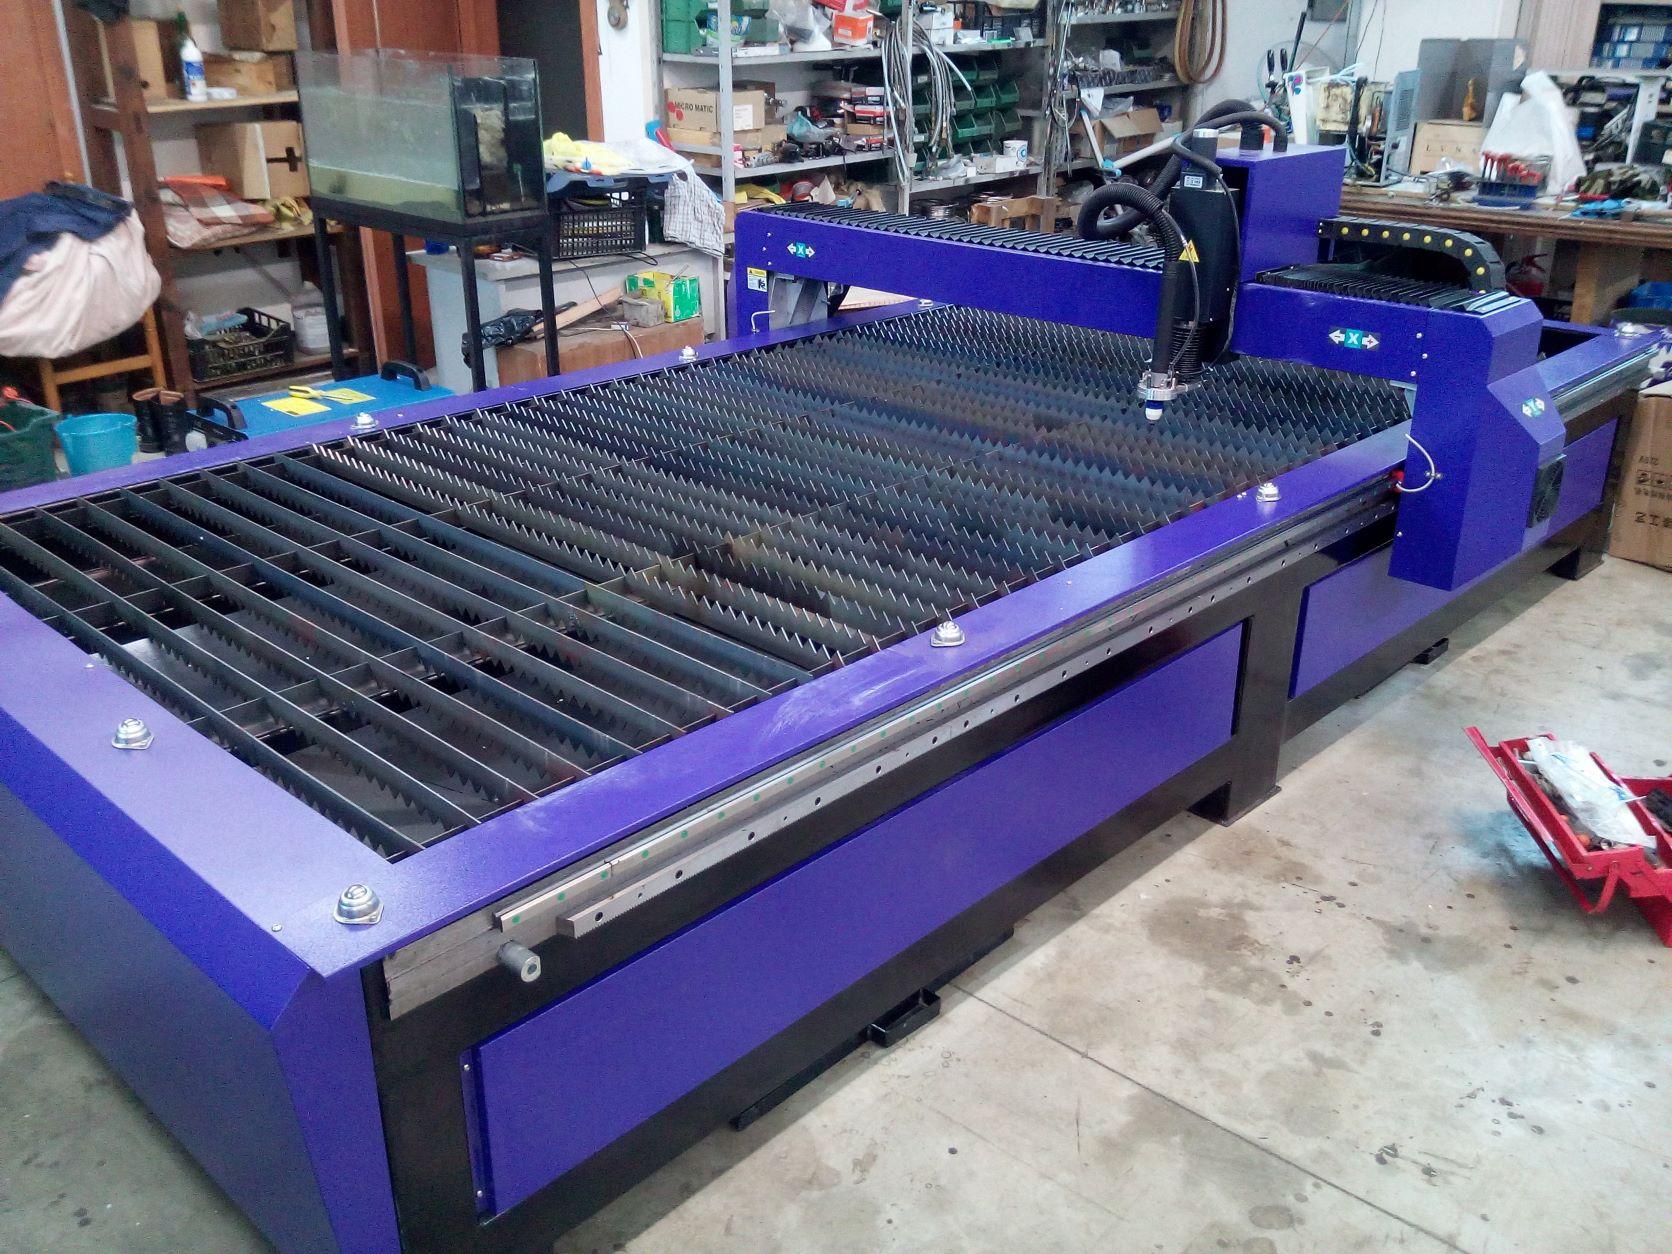 Varie meccanica in vendita